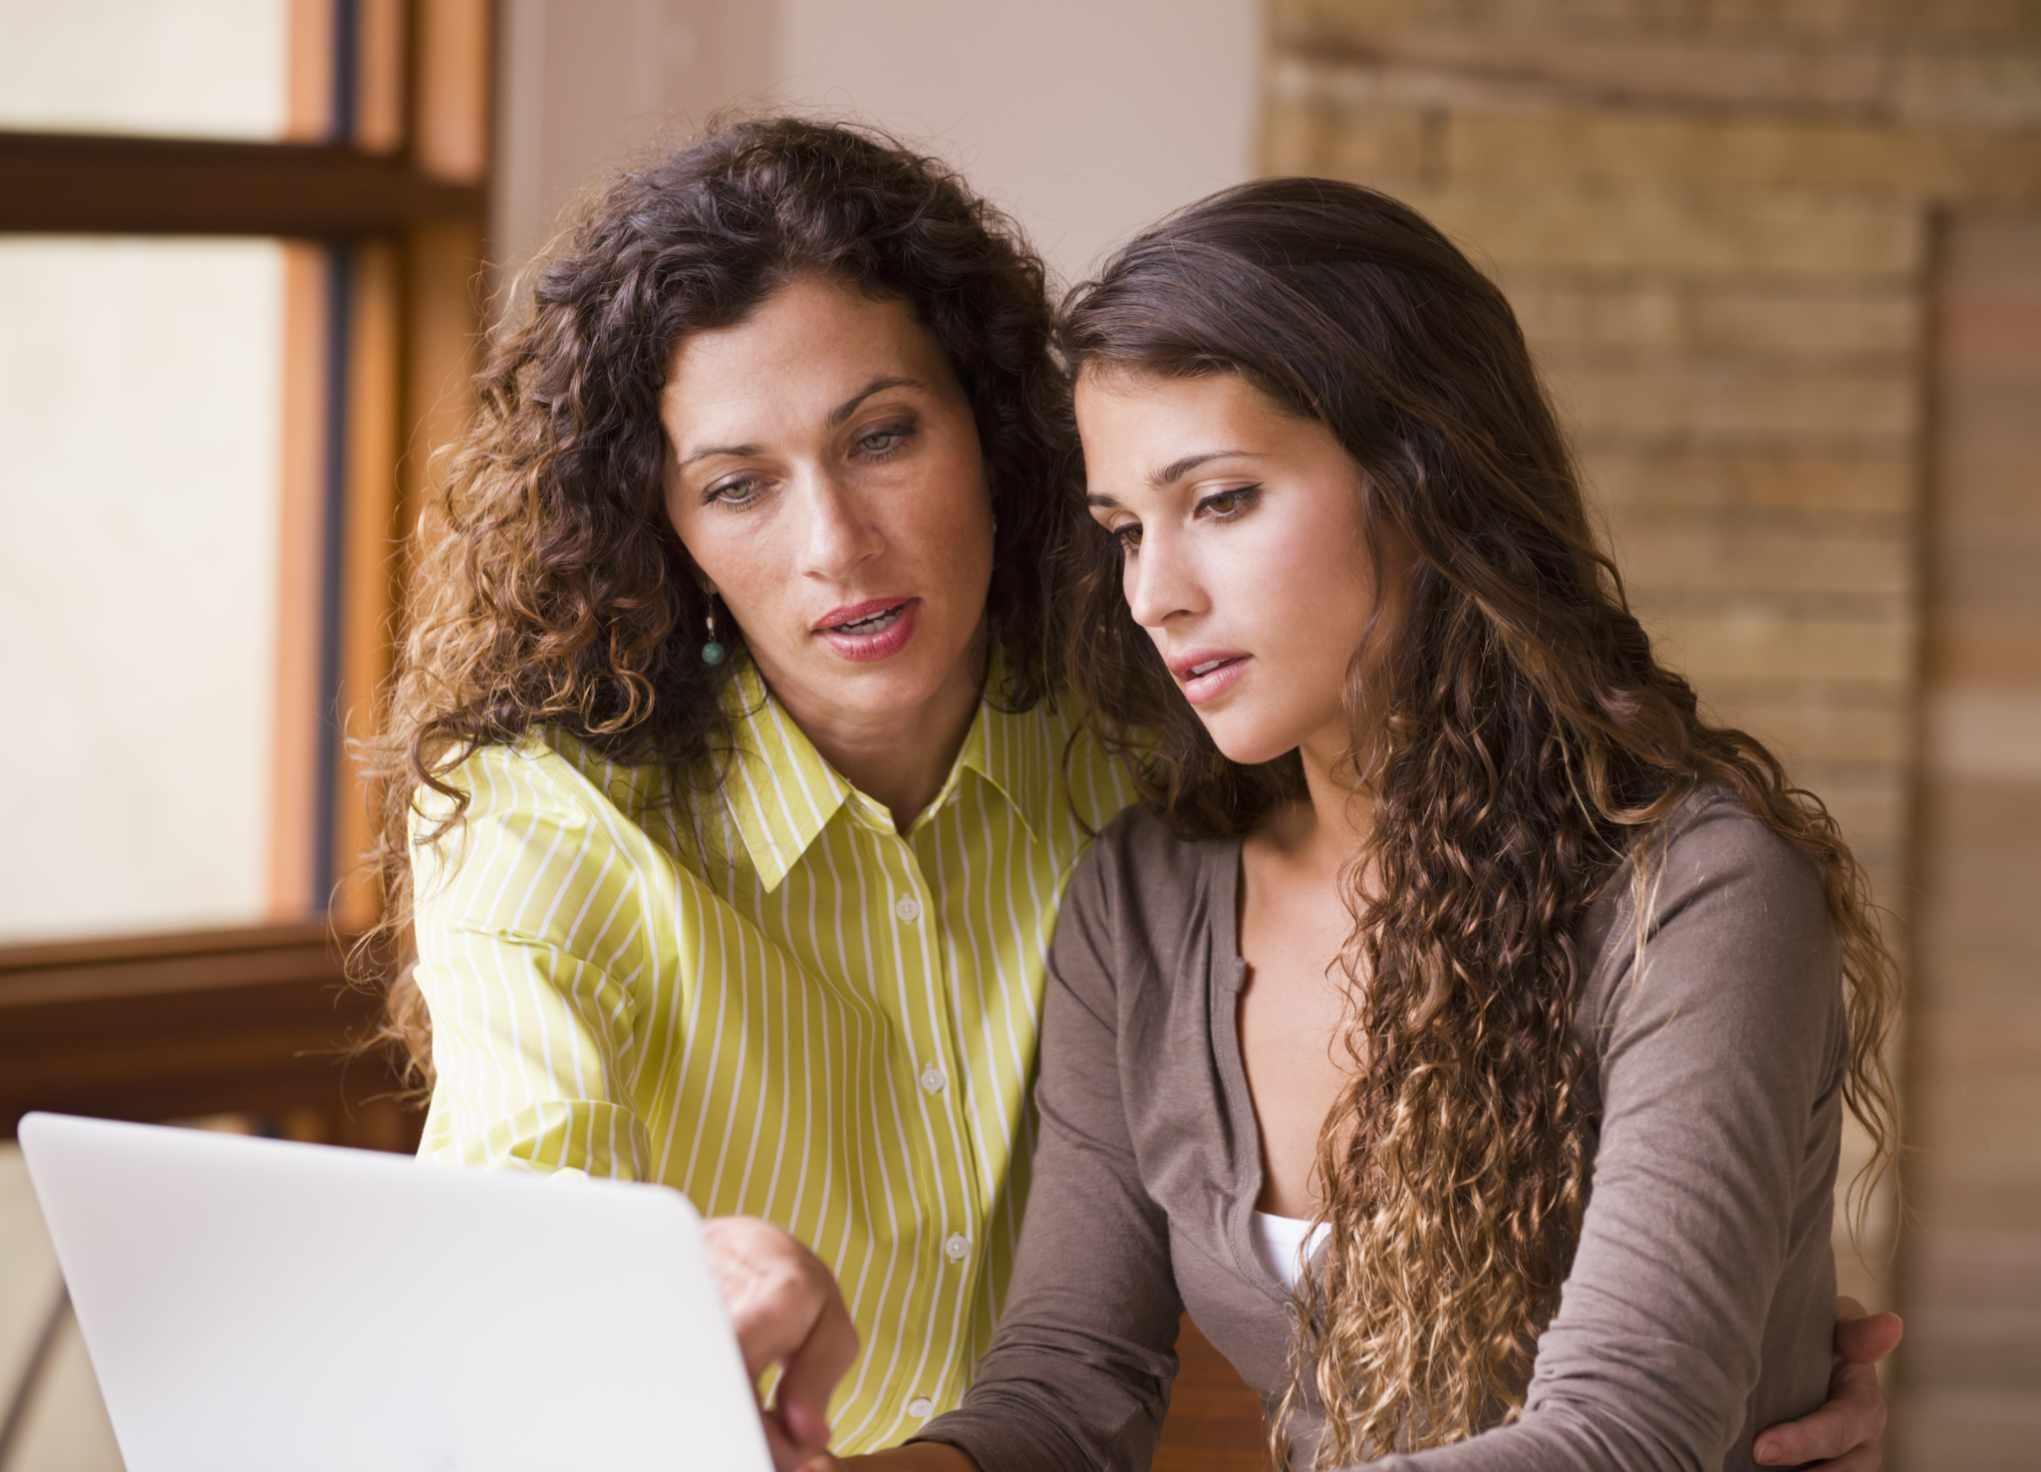 Dos mujeres llenando planilla en computadora